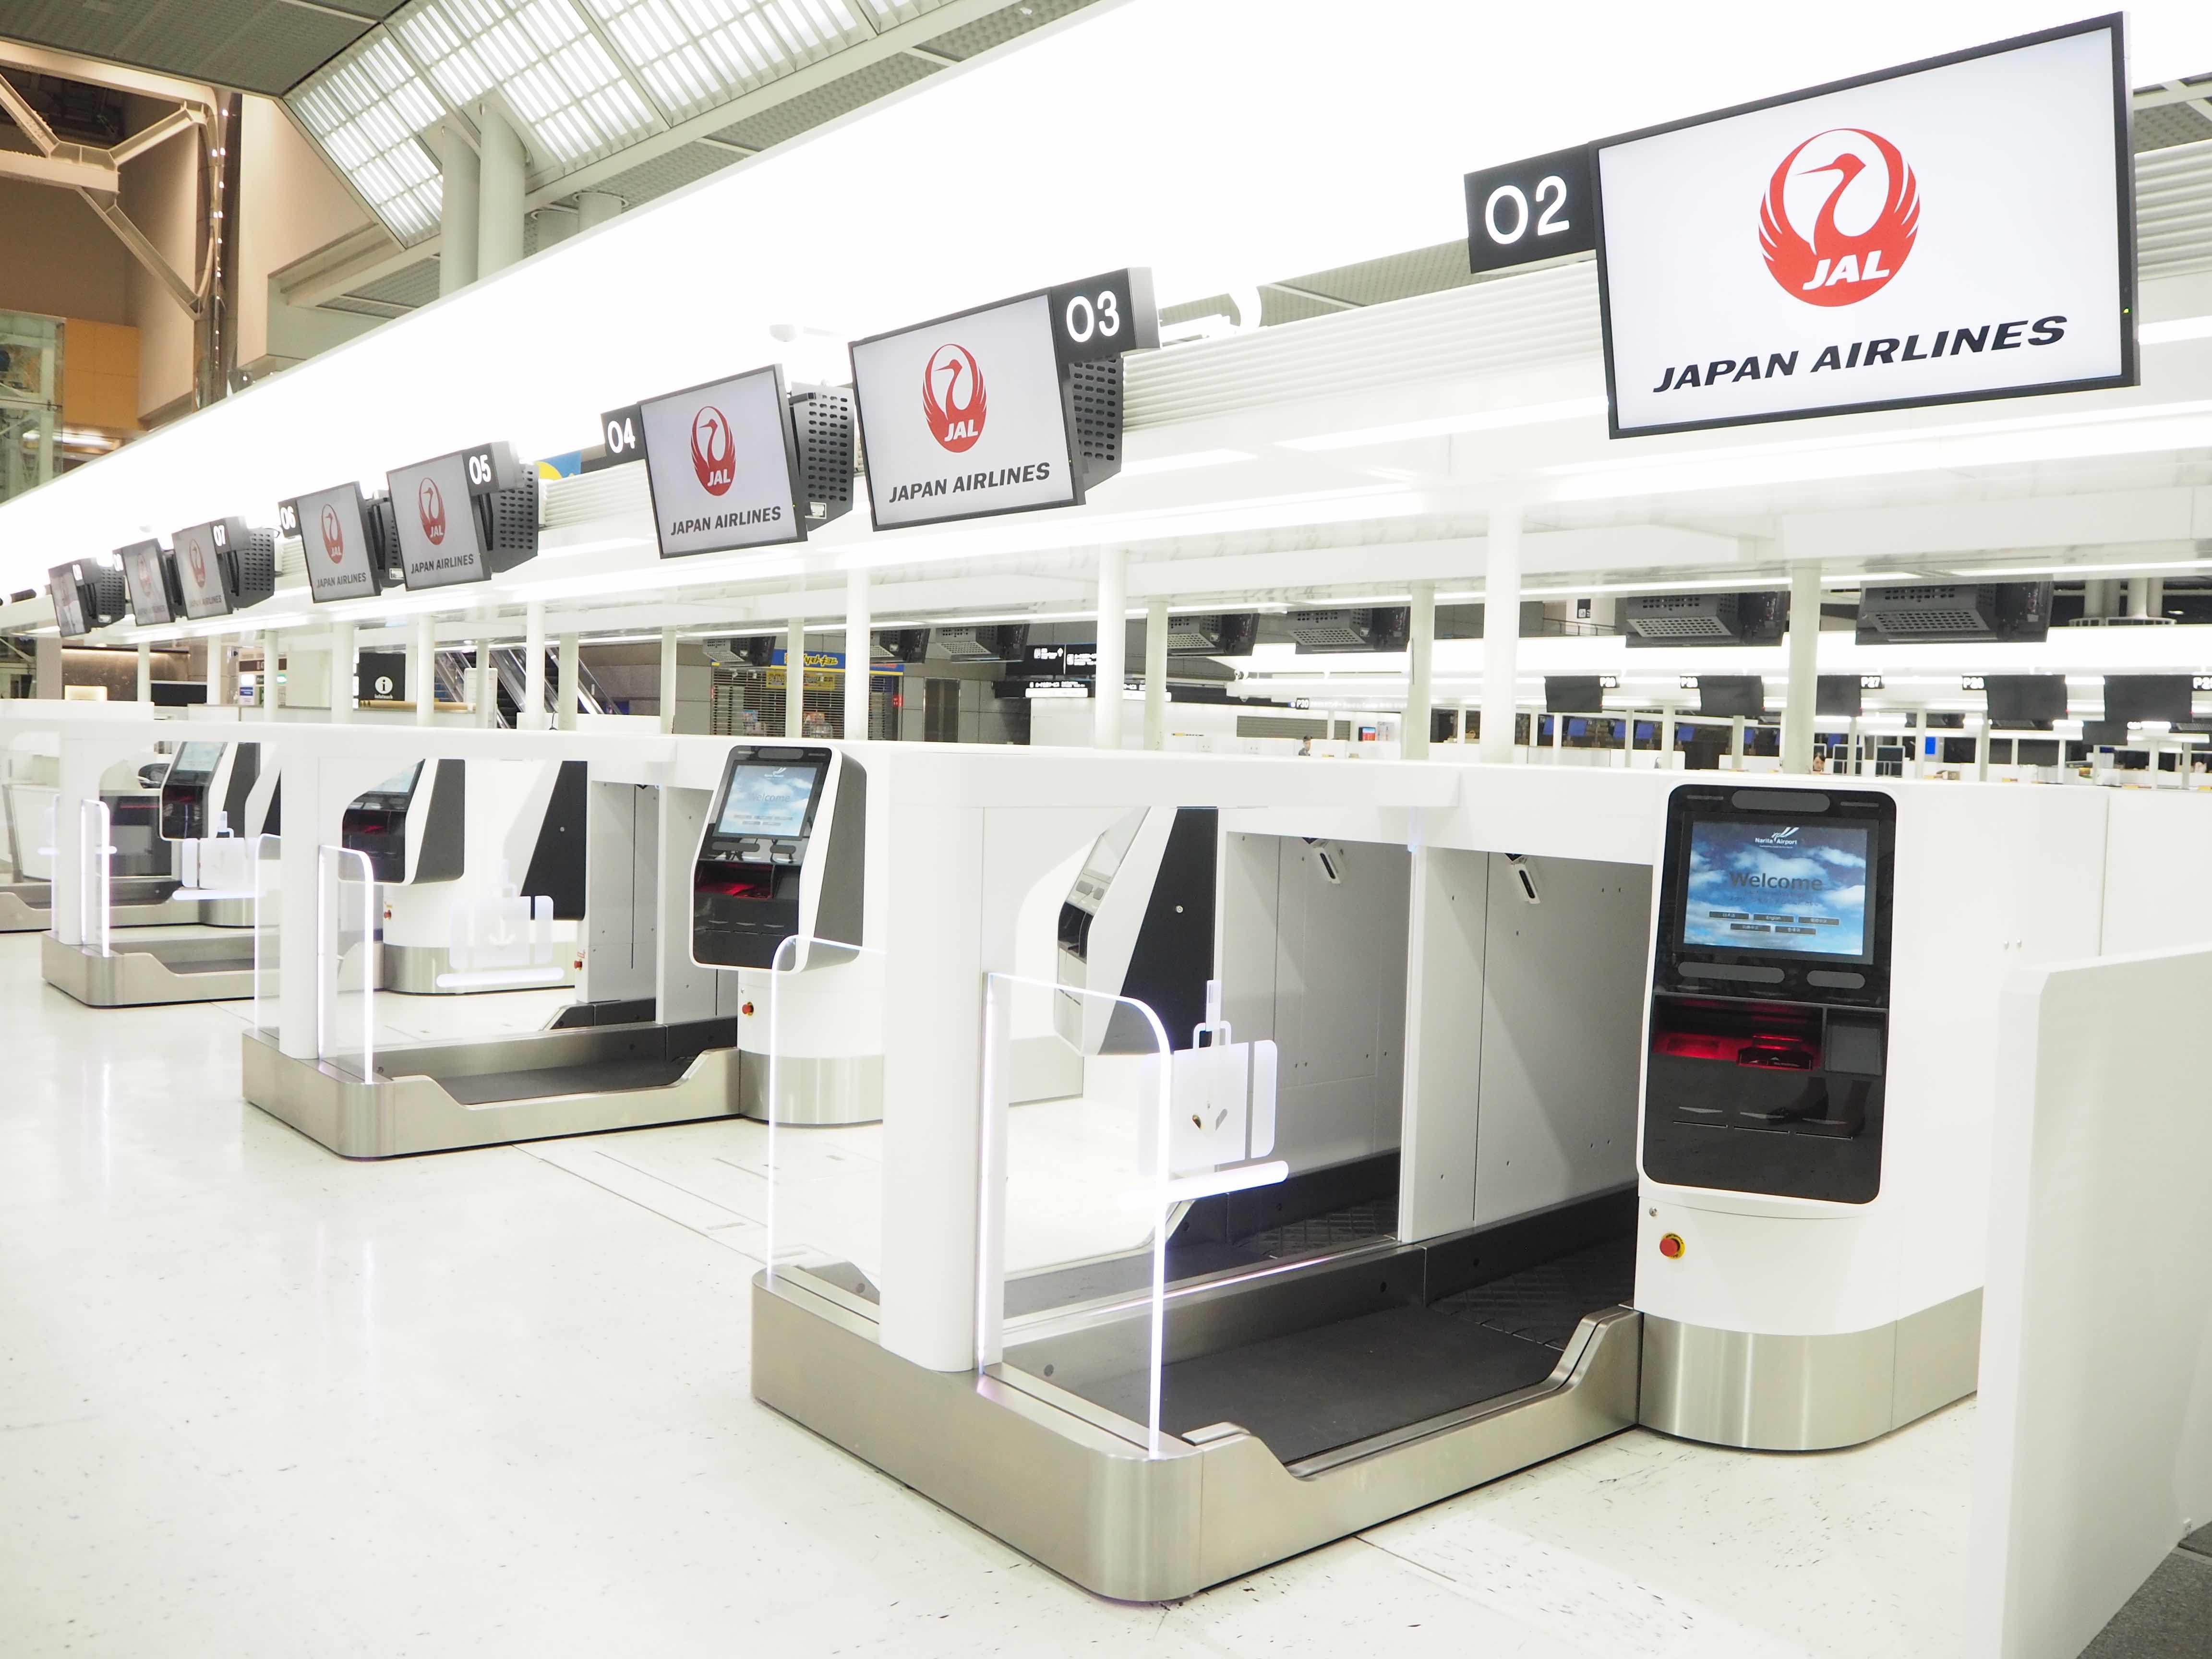 JAL、成田で顔認証チェックインなど開始へ、自動手荷物預け機の導入などスマート化を展開